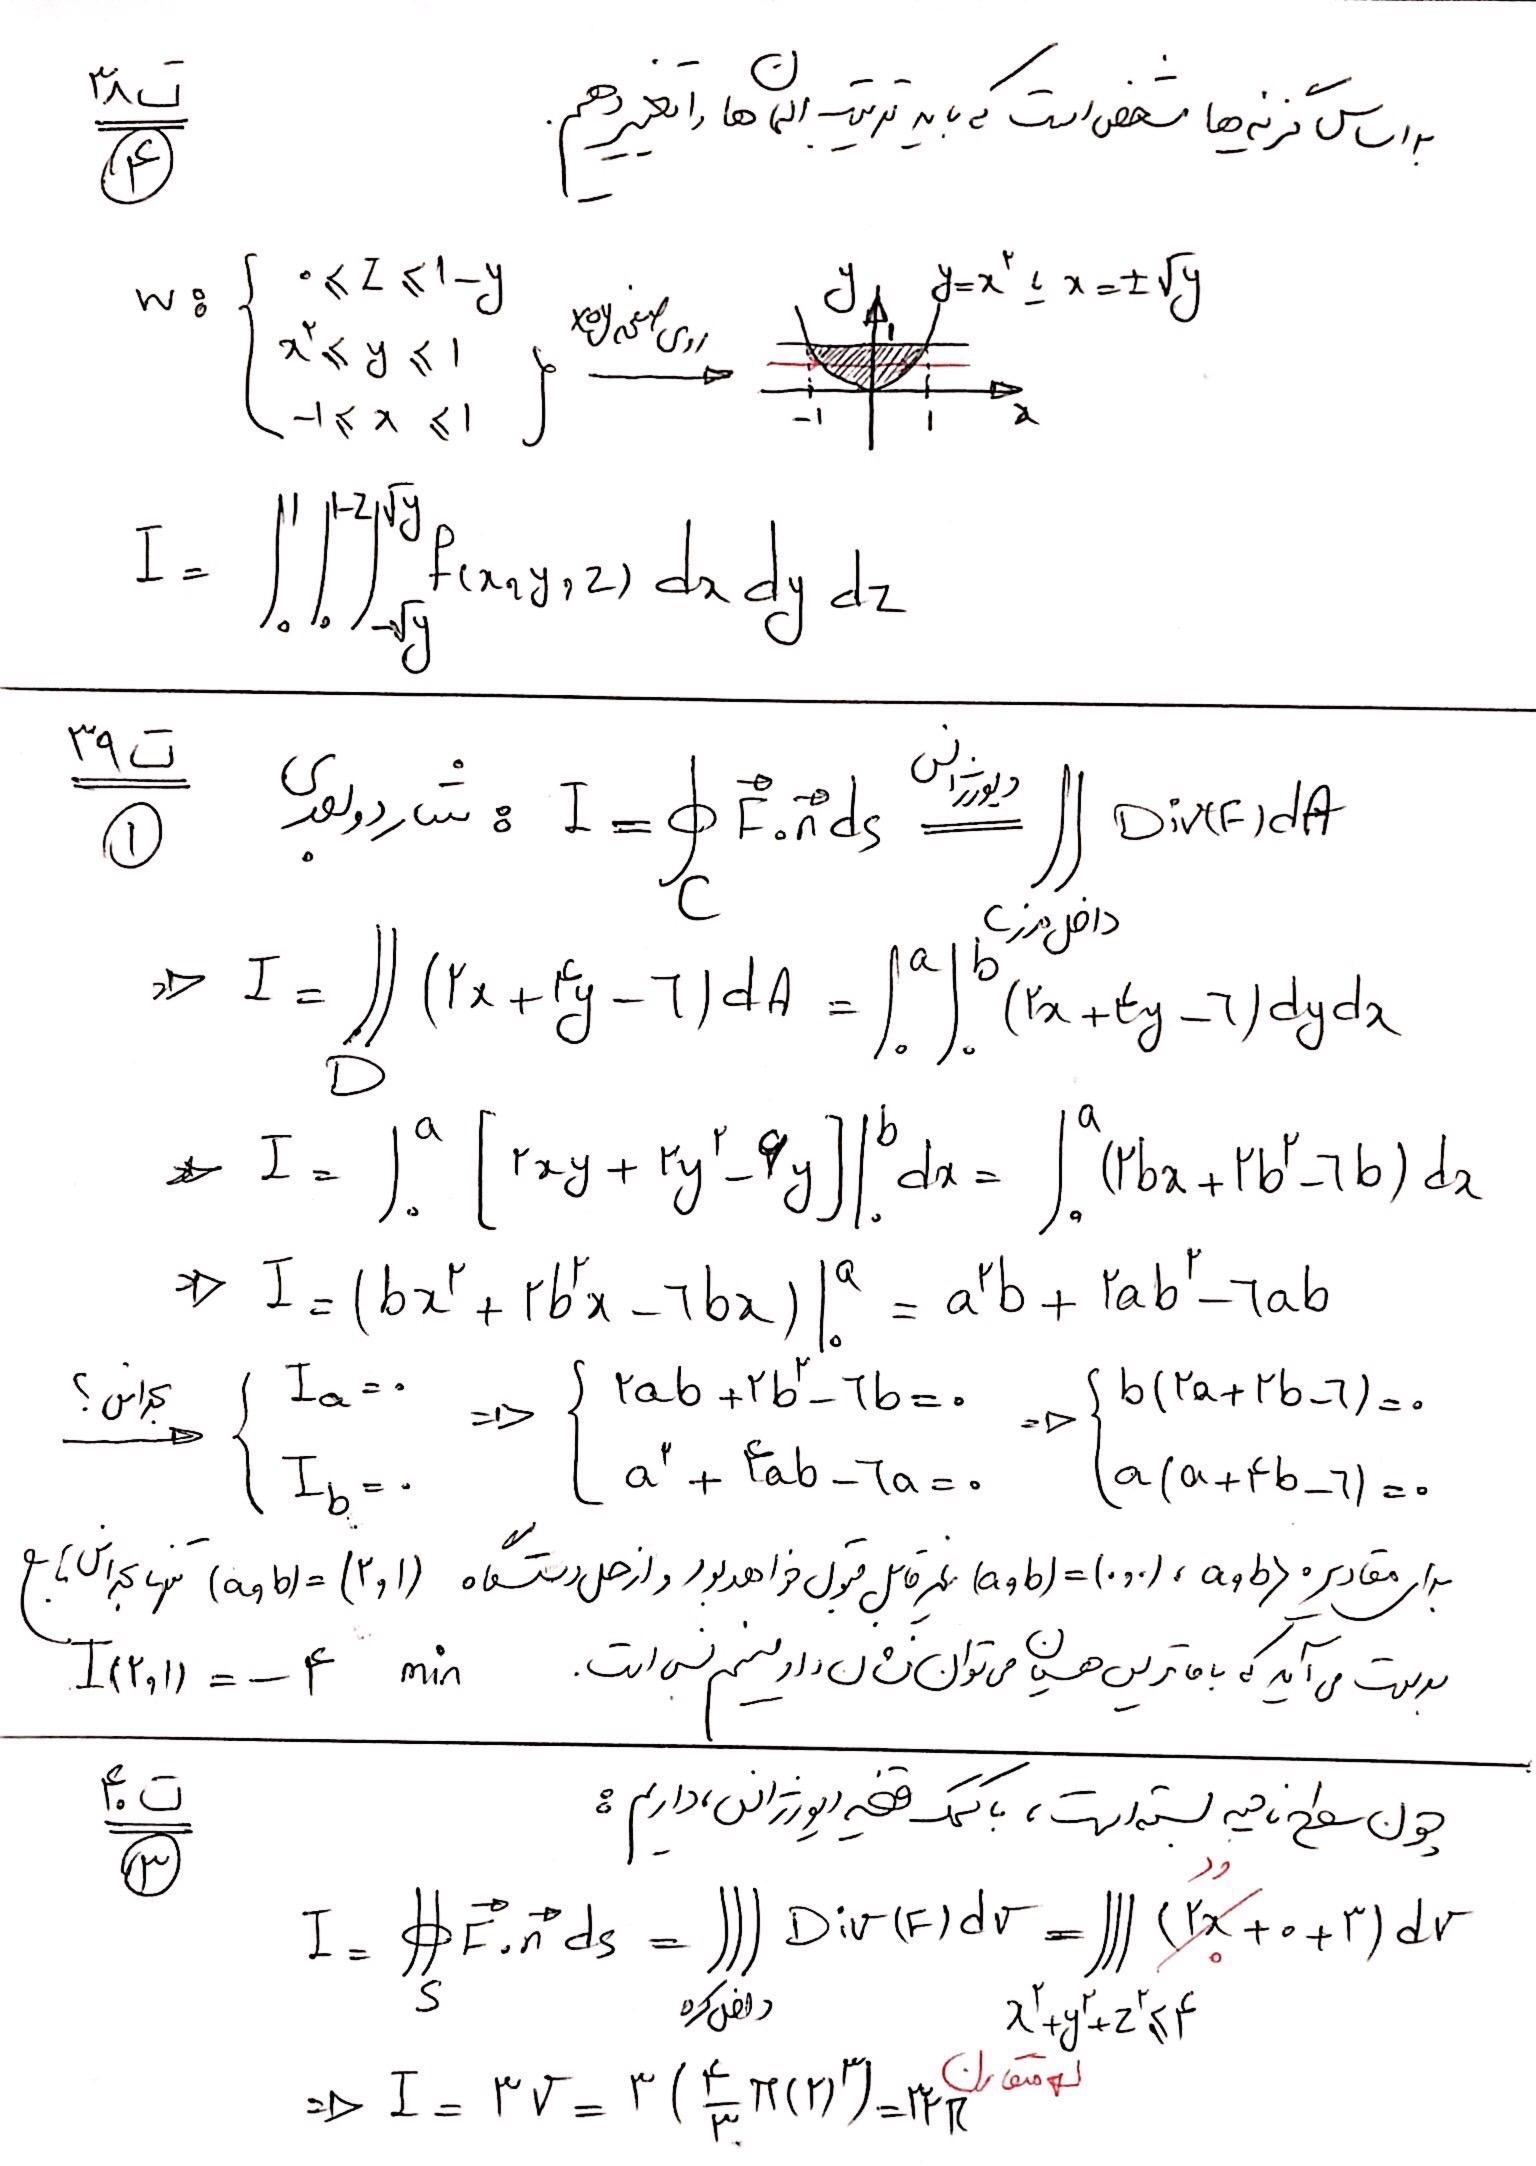 ریاضی مواد 95